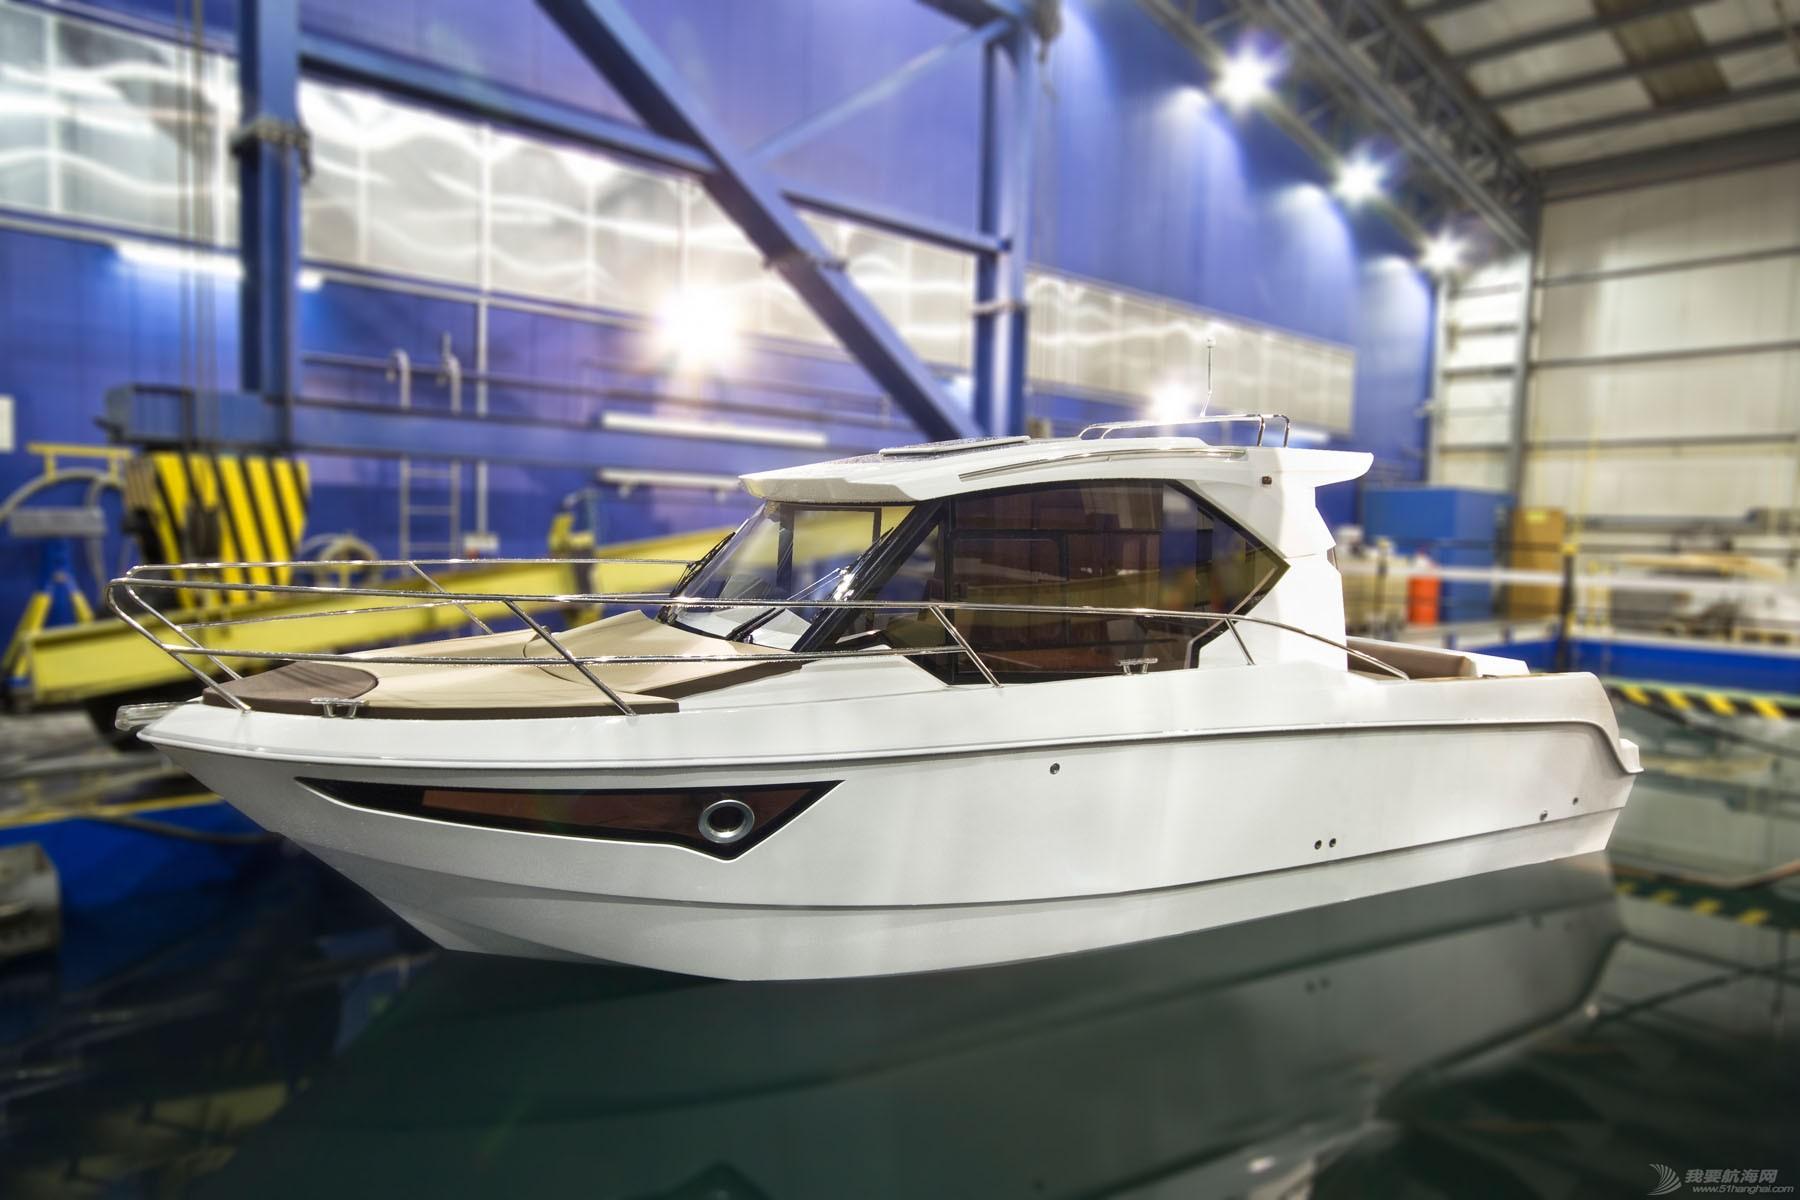 进口 波兰进口Galia 750 Hardtop硬顶钓鱼艇出售 1a